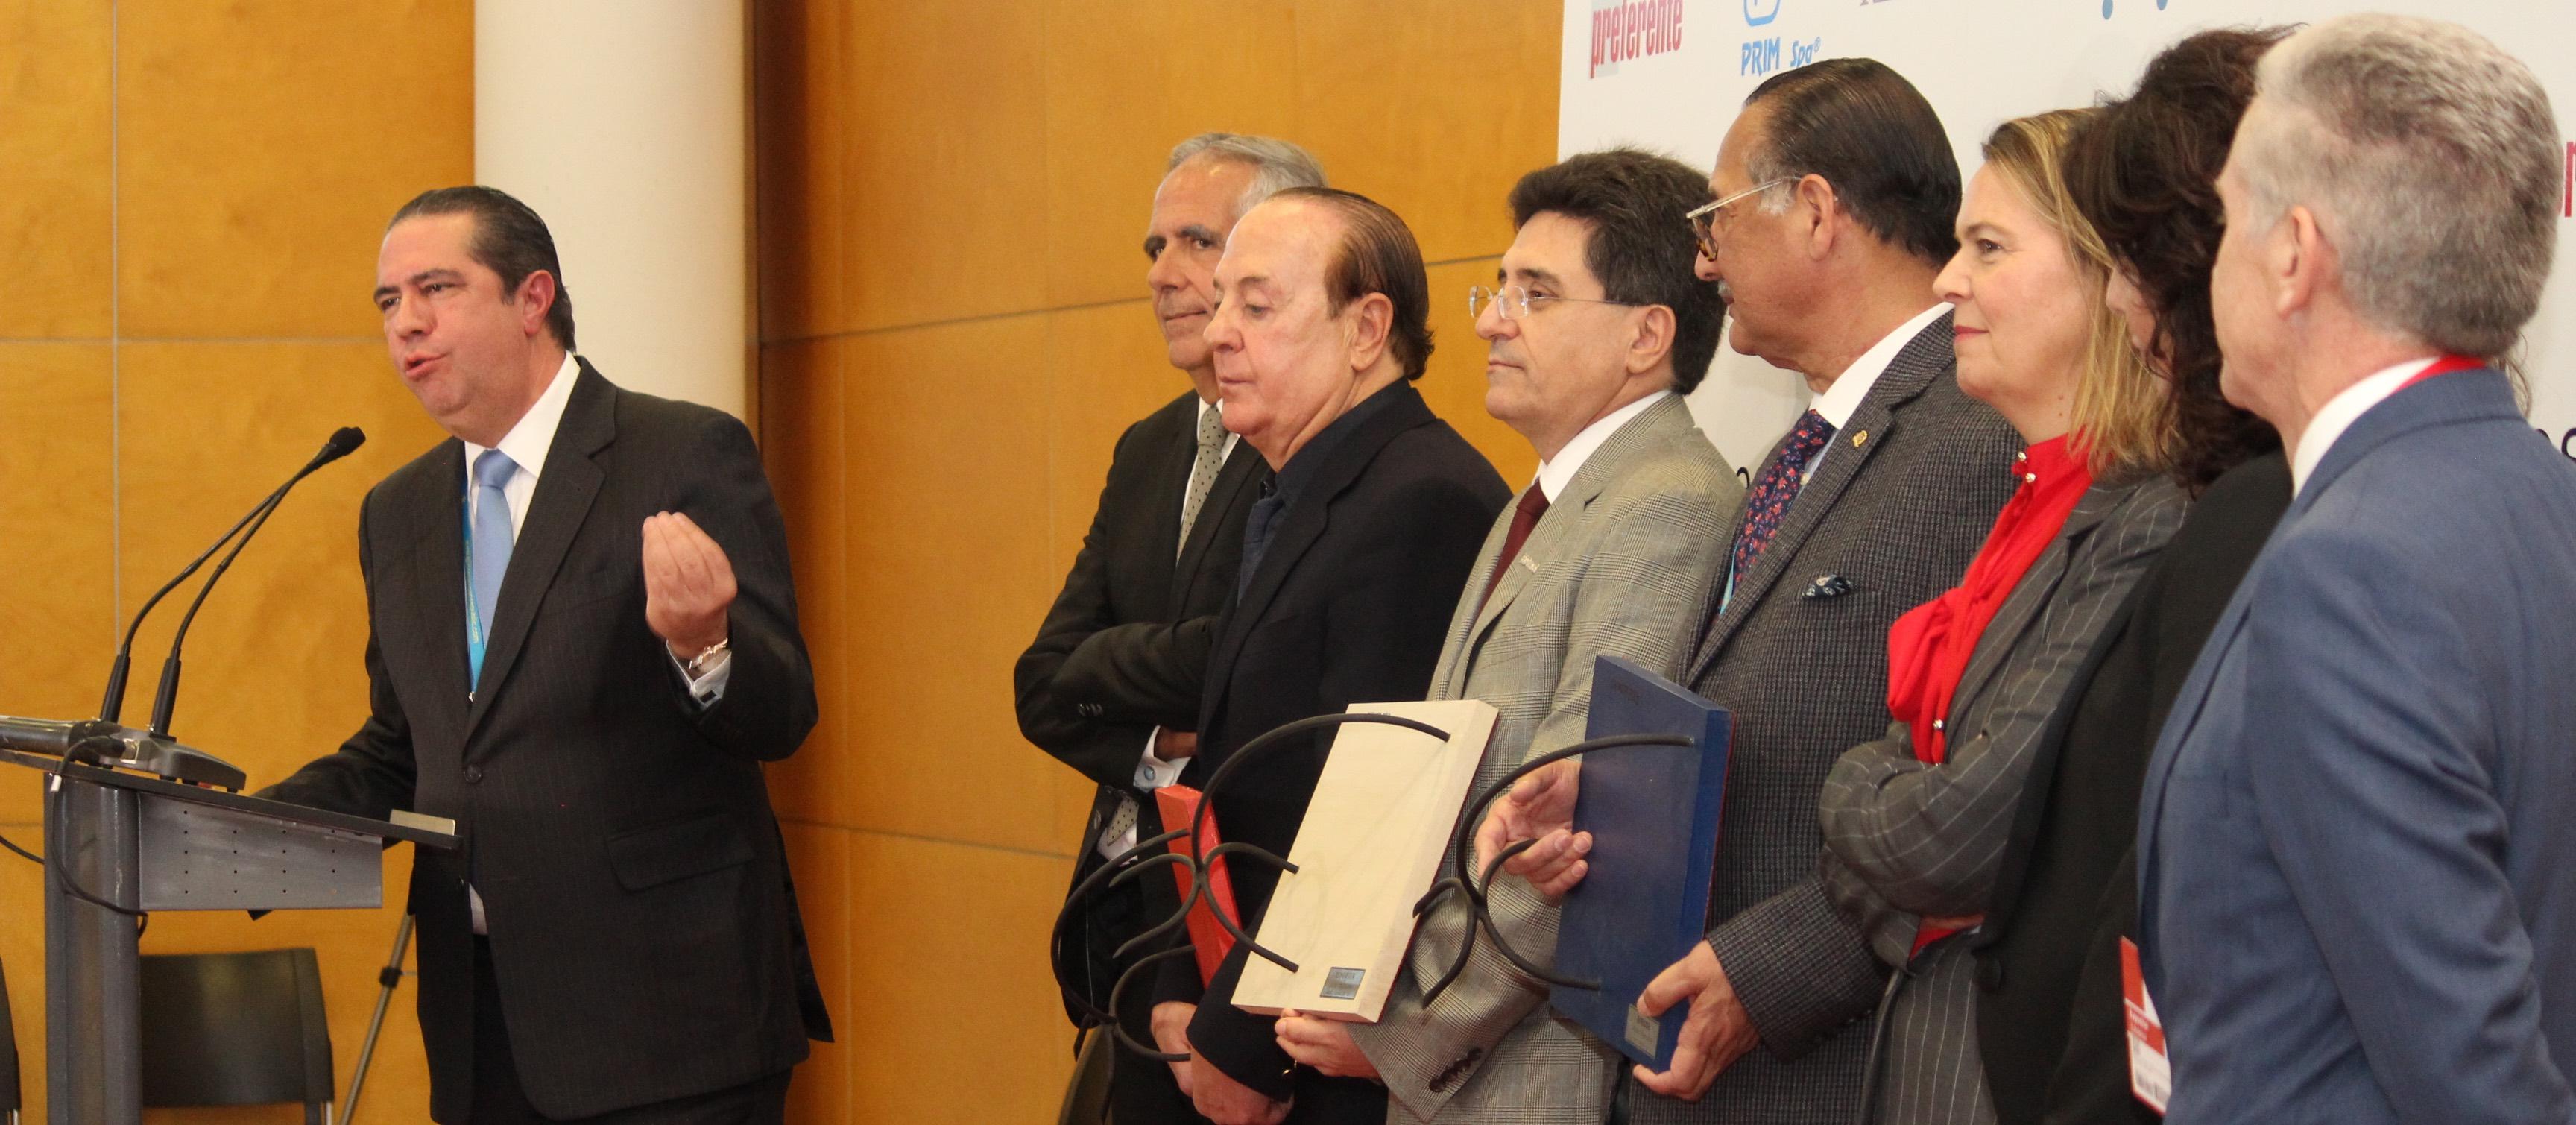 ministro-turismo-republica-dominicana-madrid-fitur